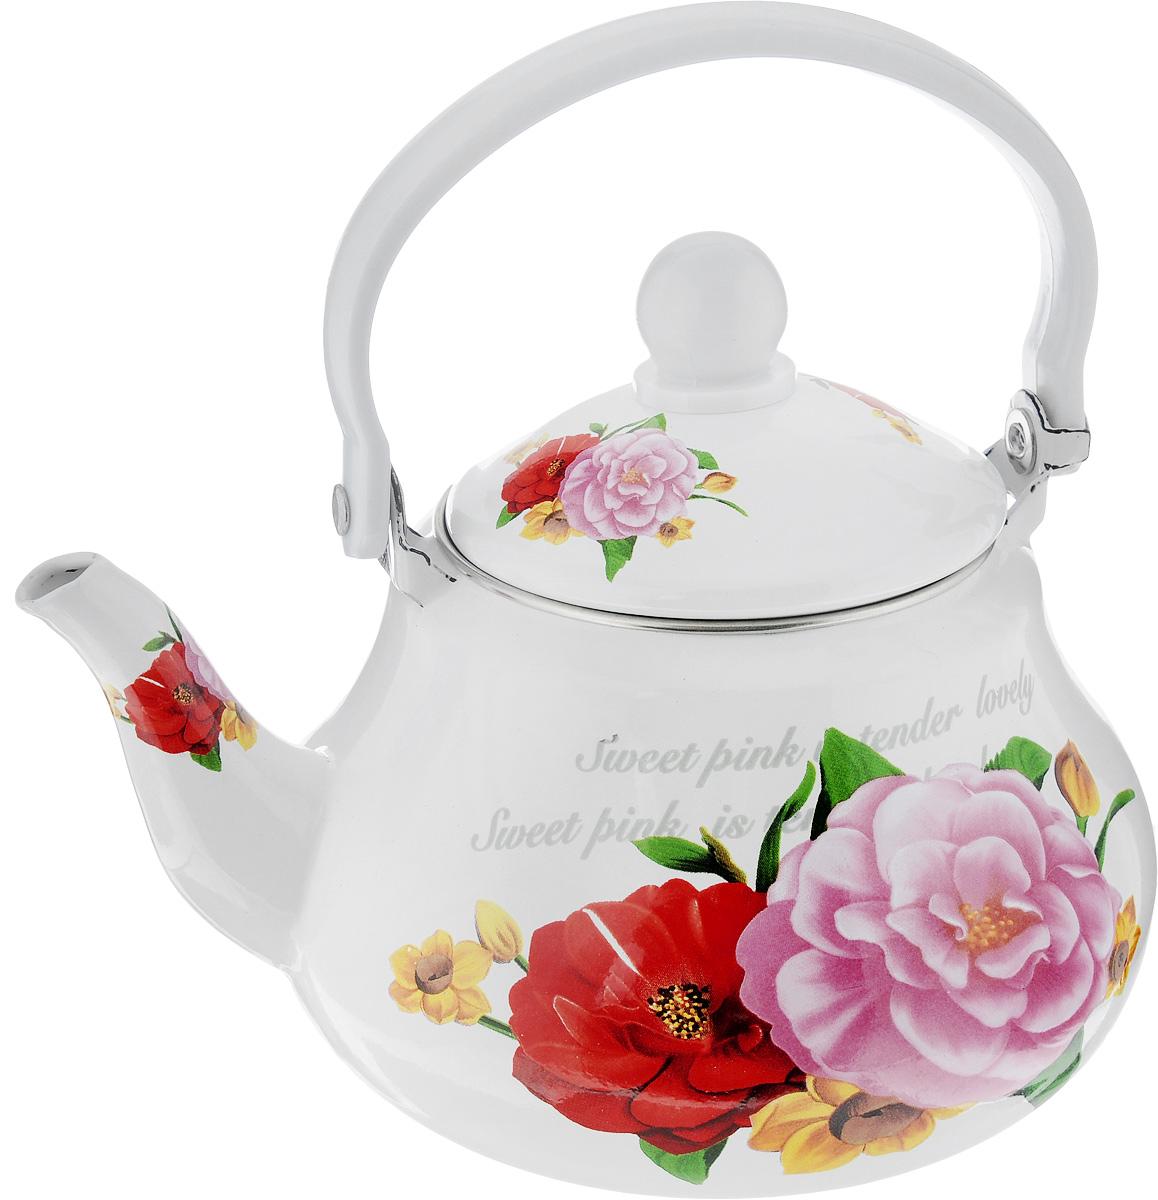 Чайник заварочный Mayer & Boch Розы, с ситечком, 1,5л23984Чайник изготовлен из высококачественной углеродистой стали с эмалированным покрытием. Такой чайник гигиеничен и устойчив к износу при длительном использовании. Изделие украшено ярким рисунком с изображением цветов. Чайник оснащен металлическим ситечком, которое не позволит чаинкам попасть в чашку, при этом сохранит букет и насыщенность чая. Чайник подходит для всех видов плит, включая индукционные. Его можно мыть в посудомоечной машине. Высота чайника (без учета ручки и крышки): 11,5 см. Высота чайника (с учетом ручки и крышки): 21 см. . Диаметр (по верхнему краю): 10 см. Диаметр индукционного диска: 9 см. Чайник подходит для использования на индукционной плите и его можно мыть в посудомоечной машине.